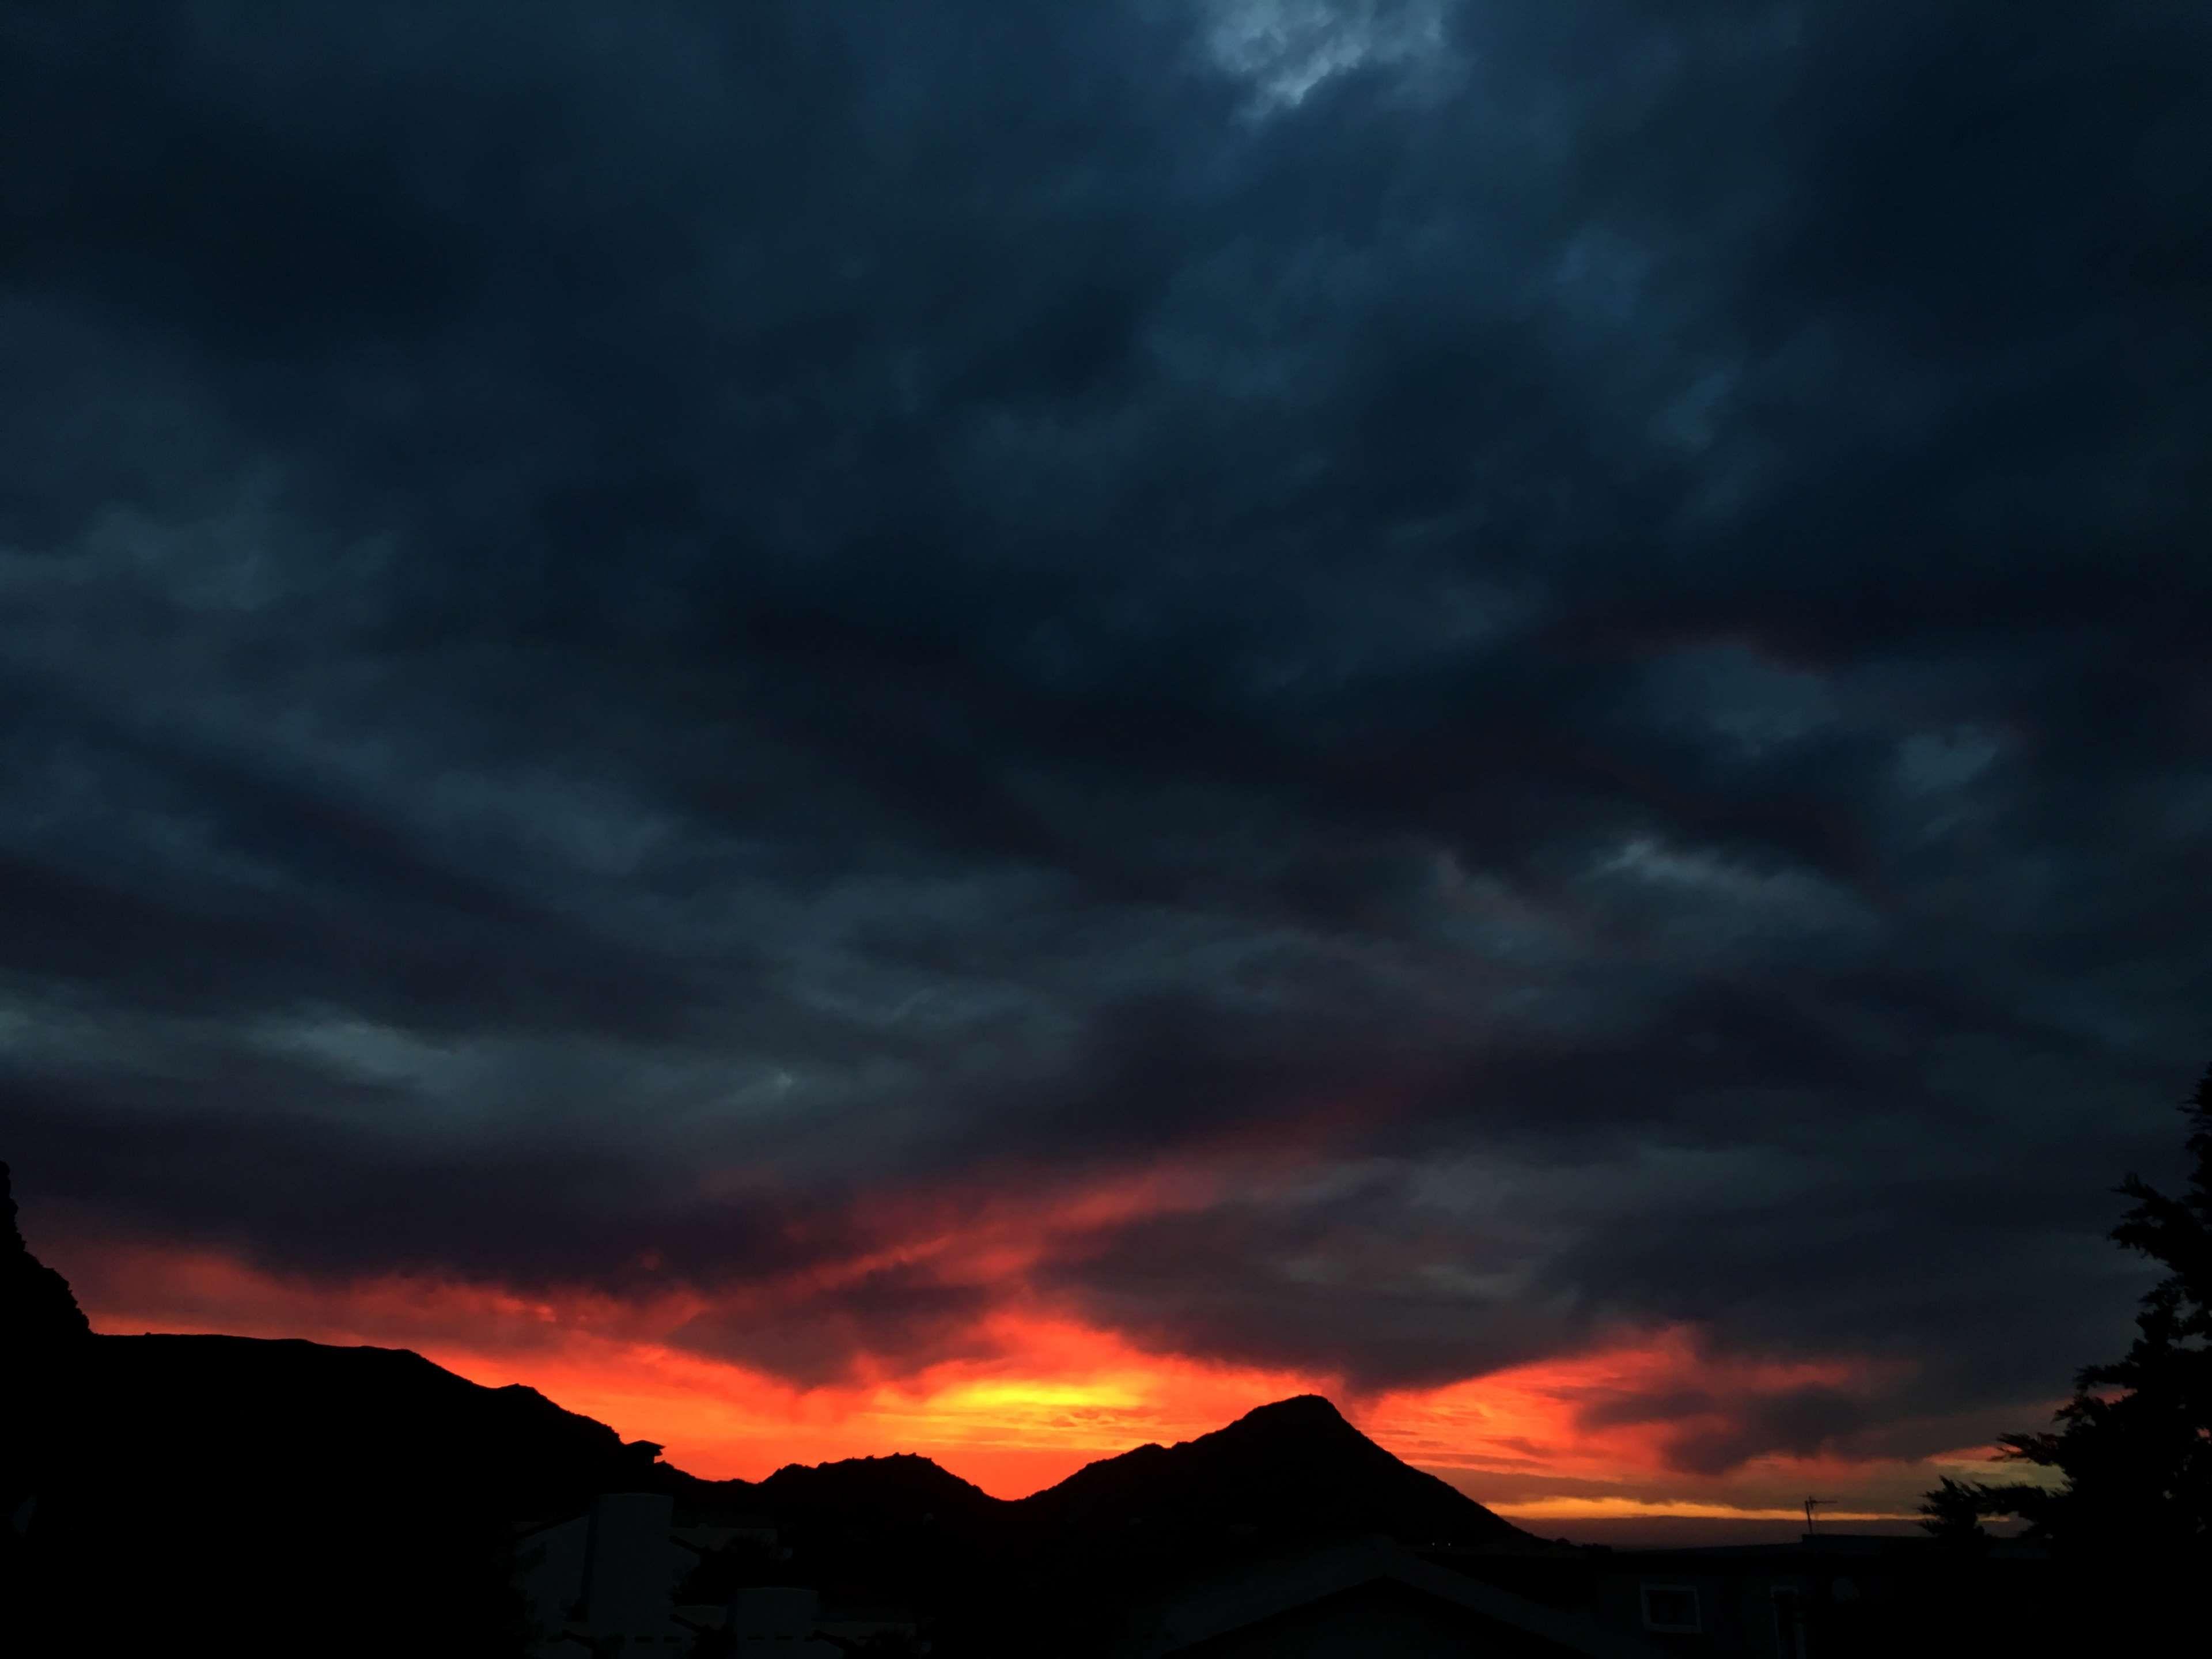 Cauldron Cloud Dark Clouds Dark Sky Evening Landscape Nature Ocean Orange Red Sea Sky Storm Sky Stormy Sun Sunset 4k Wallpaper Apus De Soare Nori Natură